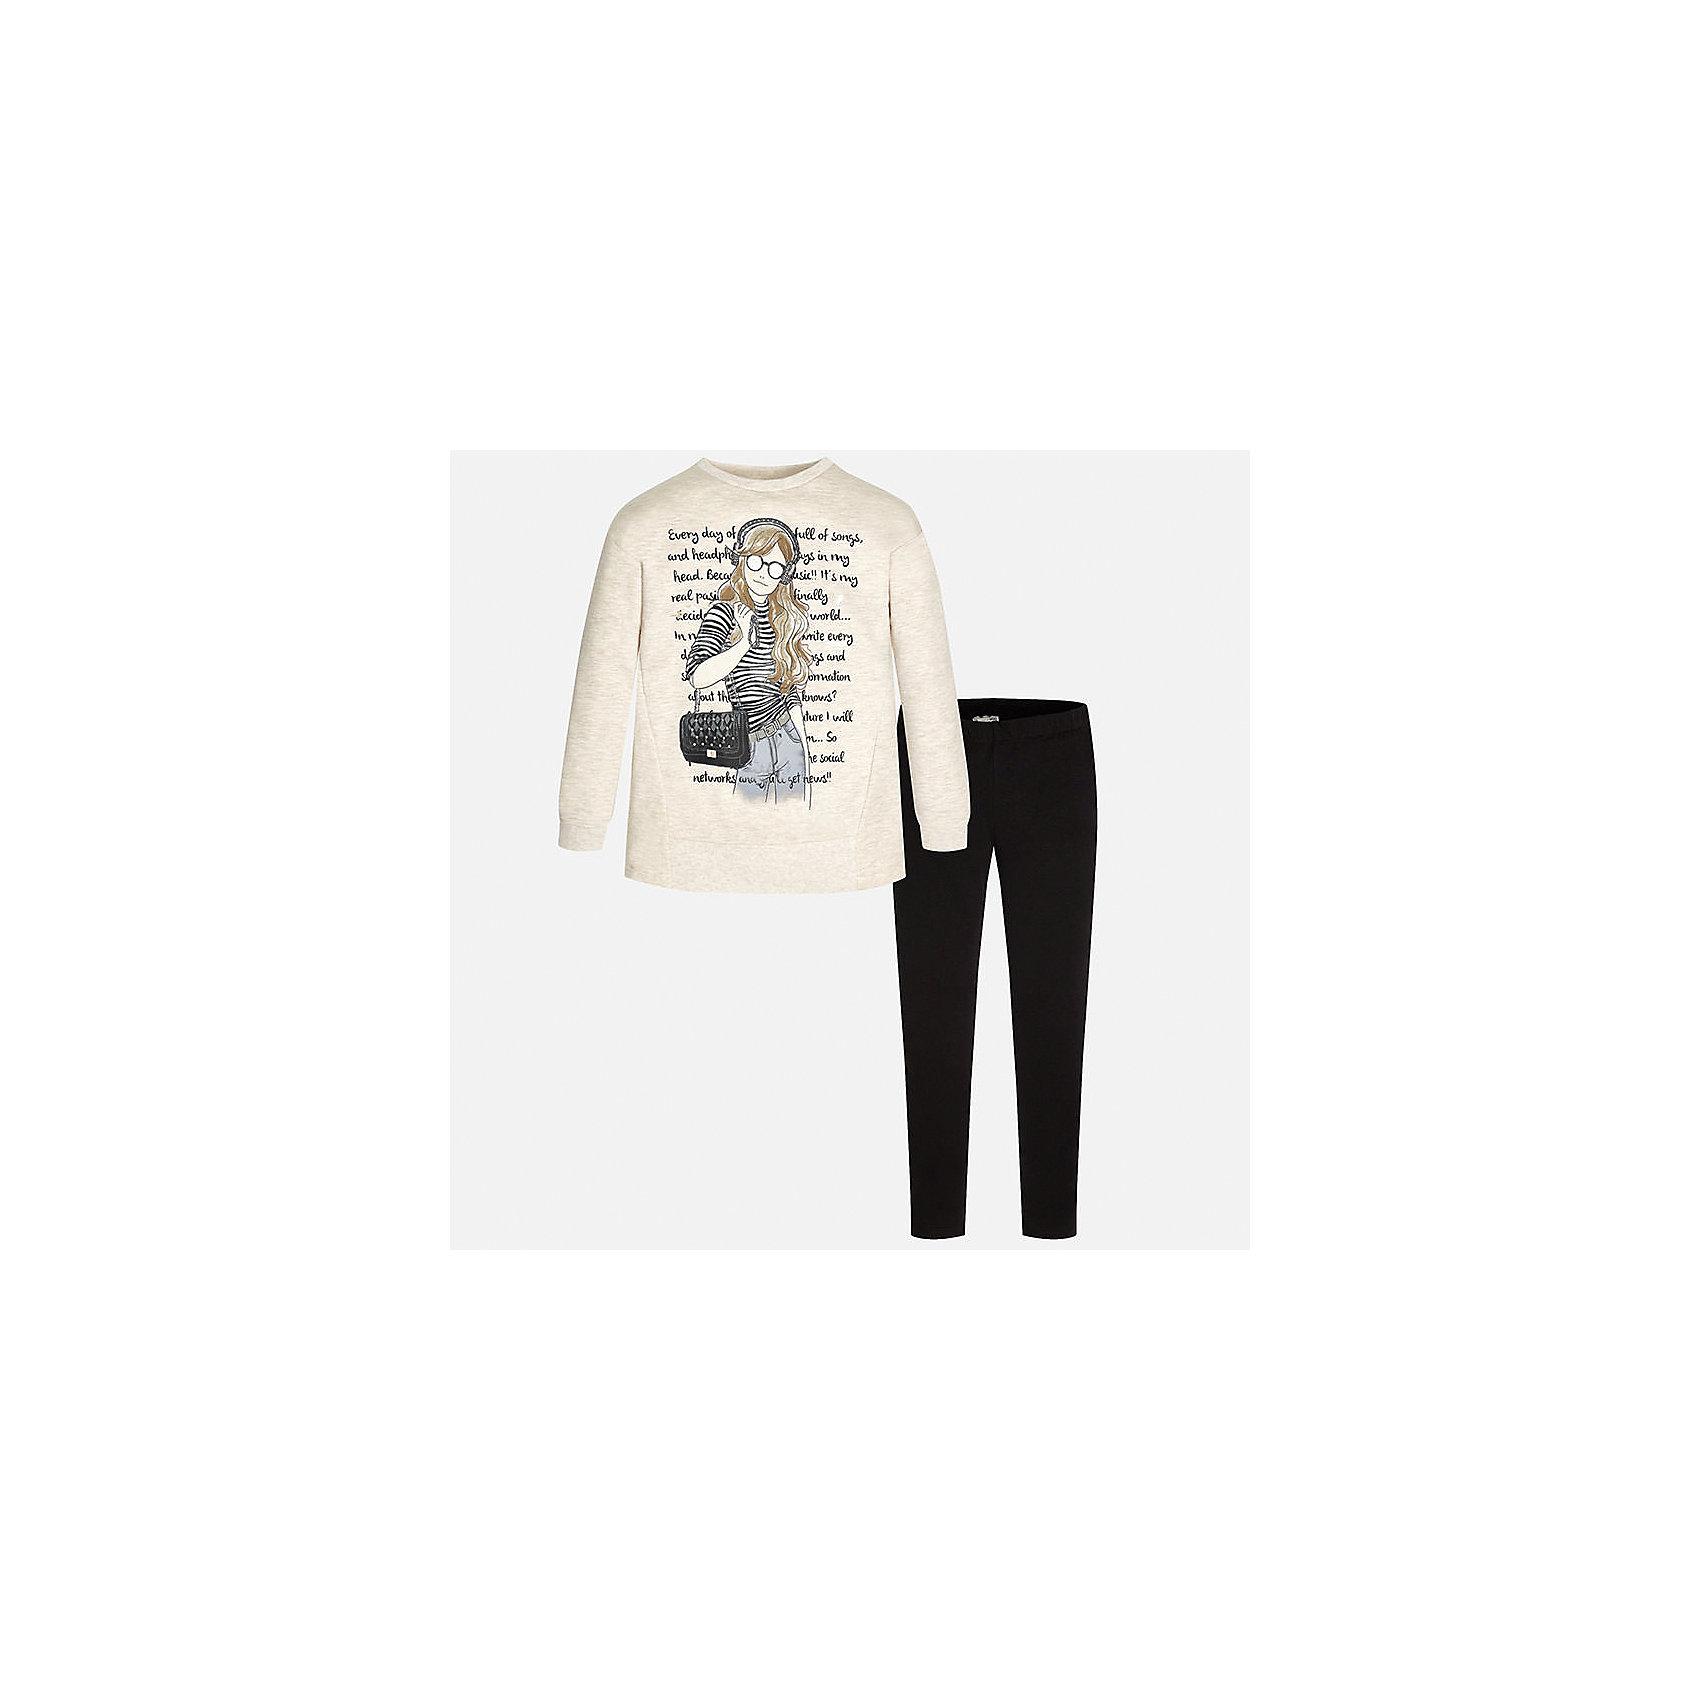 Комплект:футболка и леггинсы для девочки MayoralКомплекты<br>Комплект для девочки Mayoral (Майорал) от известного испанского бренда Mayoral. Комплект состоит из пуловера с длинными рукавами и леггинсов. Пуловер и леггинсы изготовлены из трикотажного полотна с добавлением полиэстера и эластана.  Сочетание натуральных и искусственных нитей обеспечивает воздухопроницаемость, защищает от потери цвета и формы даже при длительном использовании. Пуловер выполнен в светлых оттенка, на передней части нанесен молодежный принт с элементами серого и черного цвета, черные леггинсы – со средней посадкой, с узким эластичным поясом обеспечивают комфорт и удобство при повседневной носке. Комплект разрешается стирать при температуре 30 градусов, допускается химическая чистка и глажка. <br><br>Дополнительная информация:<br><br>- Предназначение: повседневная одежда<br>- Цвет: светло-телесный, черный<br>- Пол: для девочки<br>- Состав: 58% хлопок, 39% полиэстер, 3% эластан<br>- Сезон: круглый год<br>- Особенности ухода: стирка при температуре 30 градусов, допускается глажение и химическая чистка<br><br>Подробнее:<br><br>• Для детей в возрасте: от 8 лет и до 16 лет<br>• Страна производитель: Китай<br>• Торговый бренд: Mayoral<br><br>Комплект для девочки Mayoral (Майорал) можно купить в нашем интернет-магазине.<br><br>Ширина мм: 123<br>Глубина мм: 10<br>Высота мм: 149<br>Вес г: 209<br>Цвет: черный<br>Возраст от месяцев: 132<br>Возраст до месяцев: 144<br>Пол: Женский<br>Возраст: Детский<br>Размер: 134/140,158/164,146/152,152/158,164/170,128/134<br>SKU: 4847444